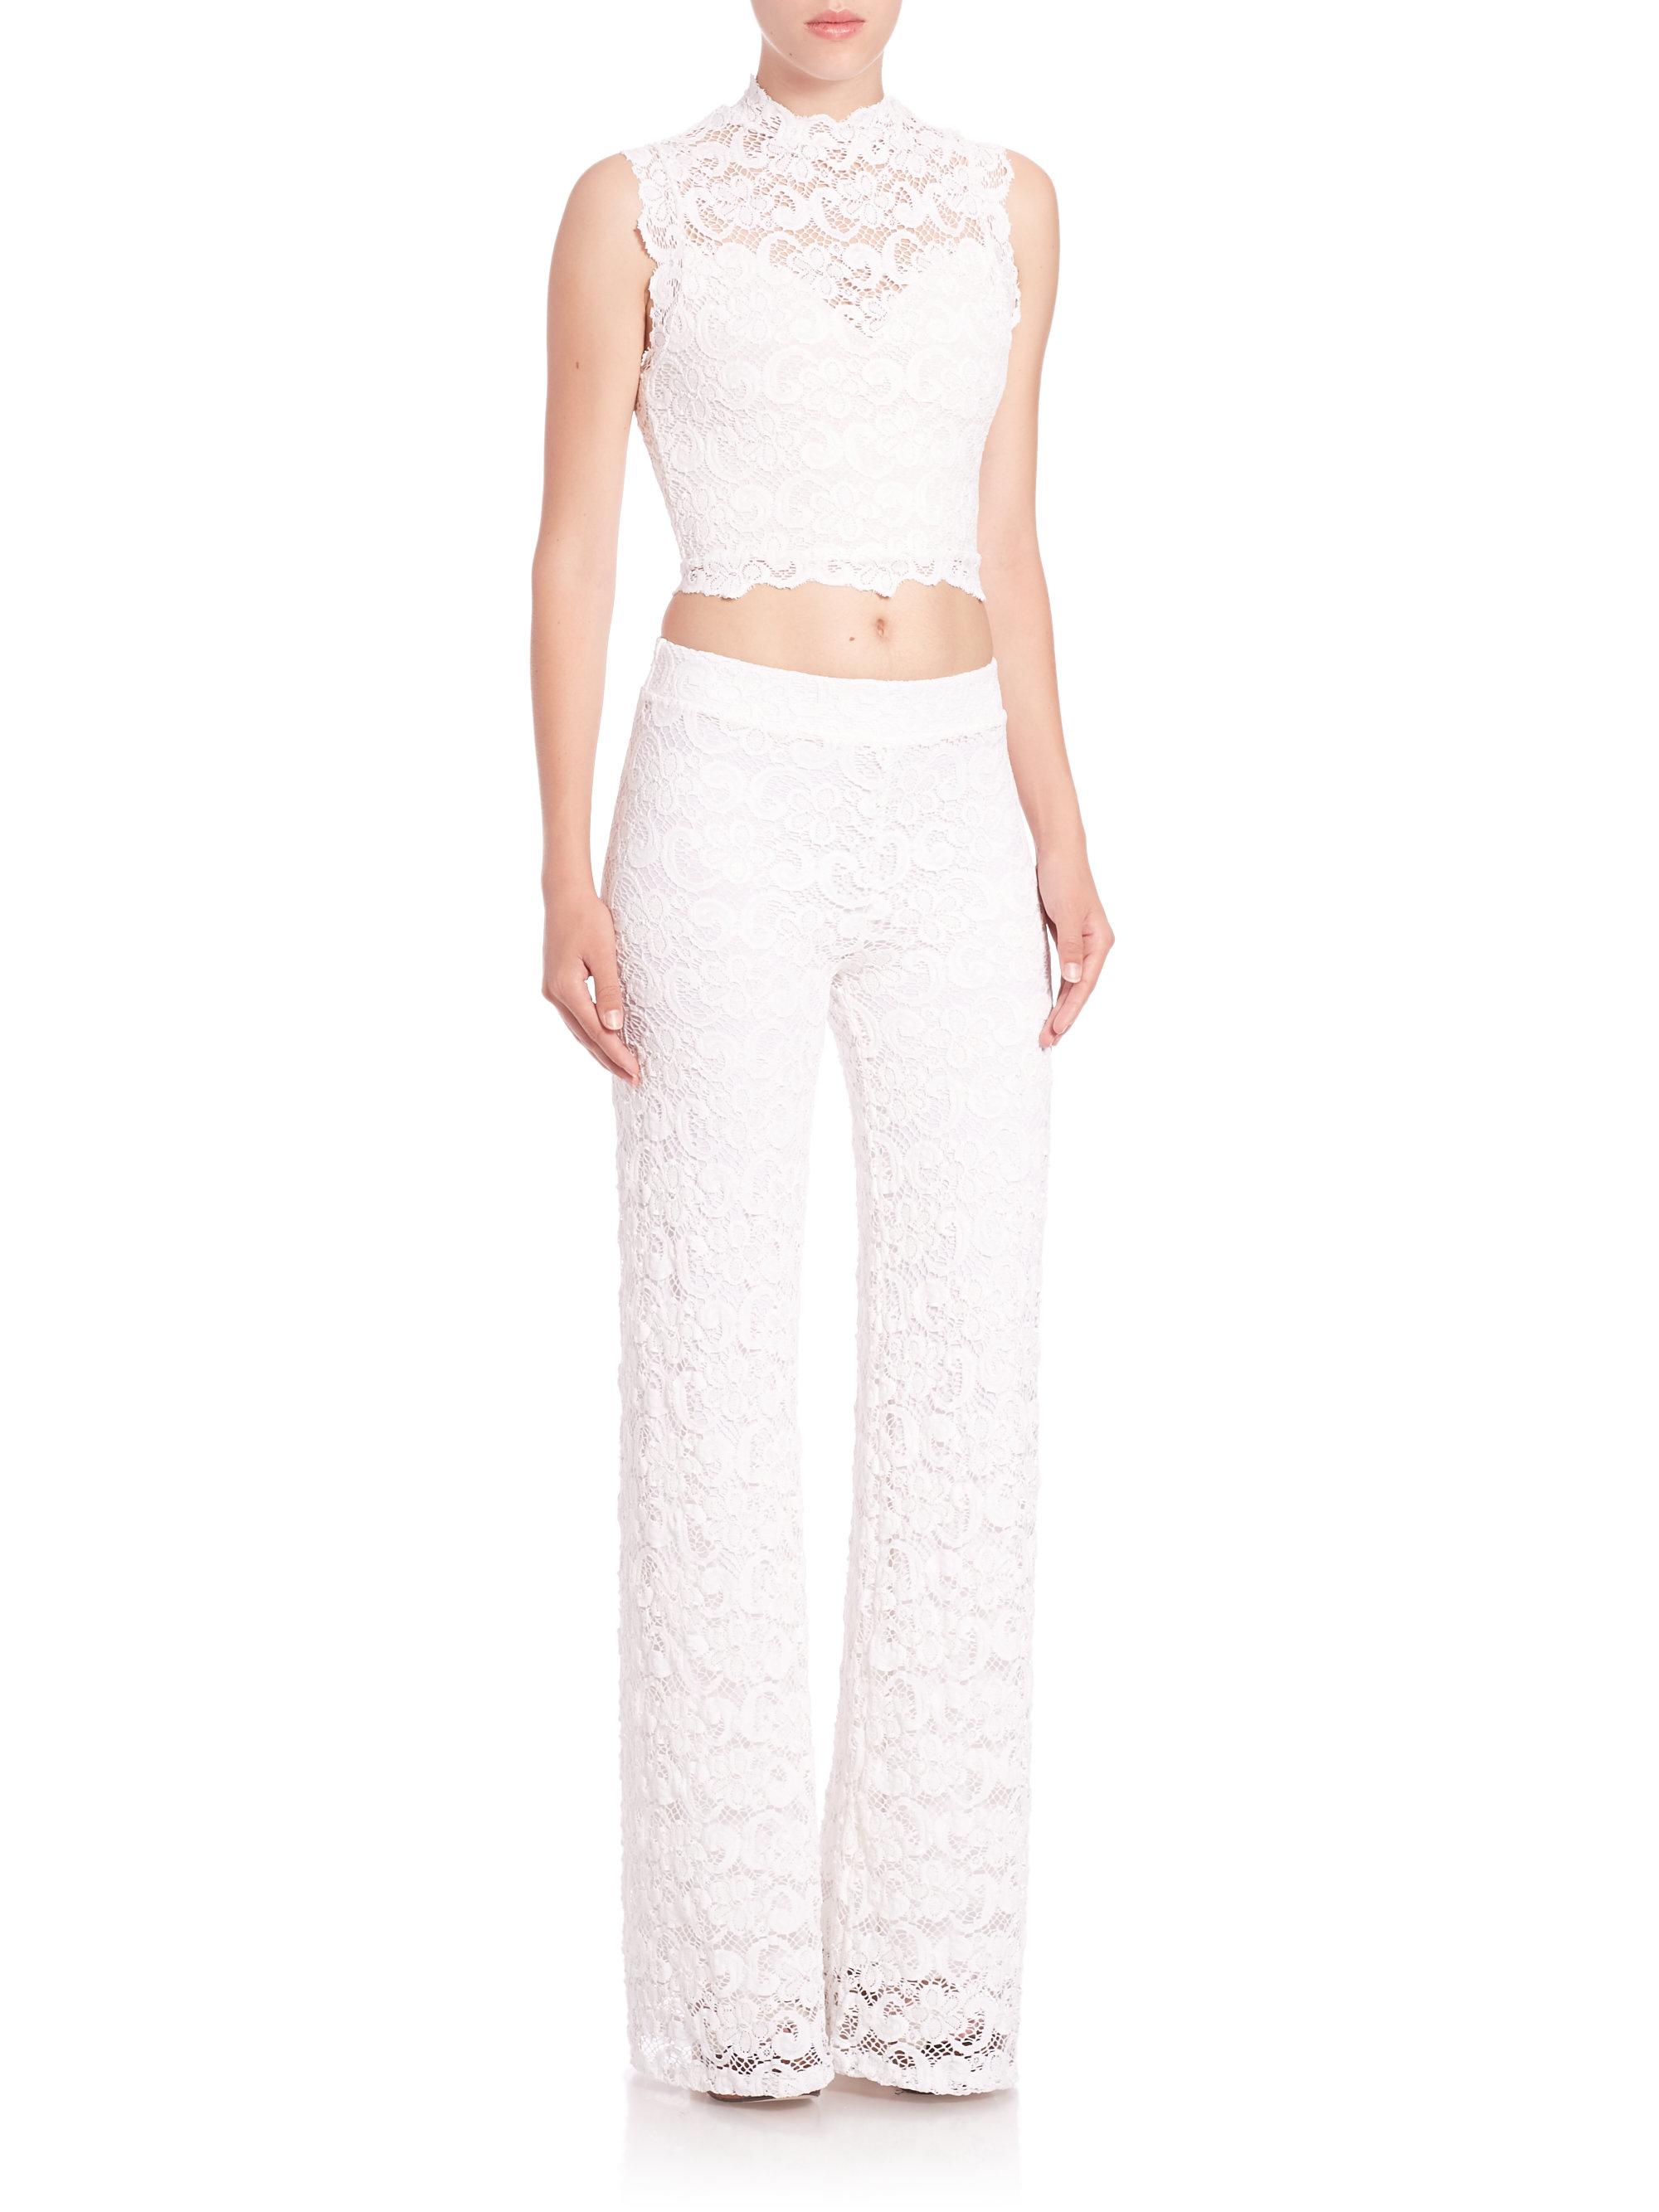 821d5e689980f2 Lyst - Nightcap Dixie Lace Crop Top in White